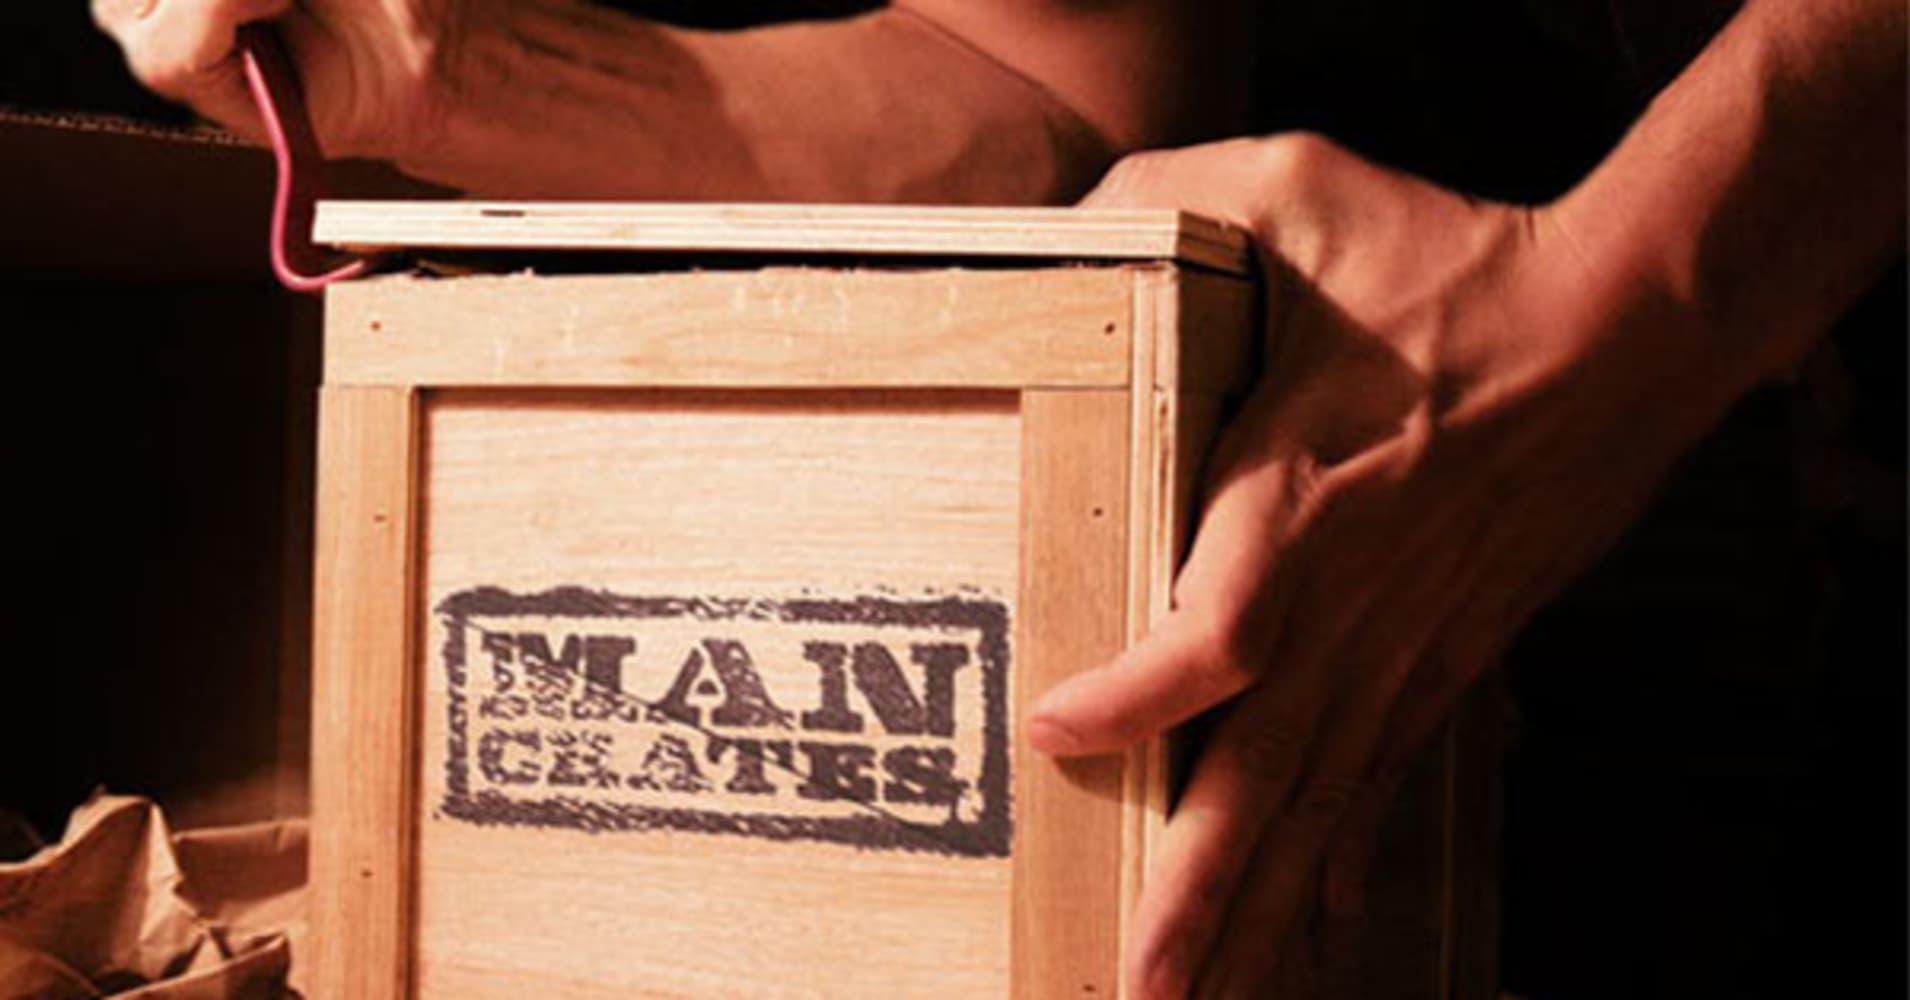 102233256-a_man_crate.1910x1000